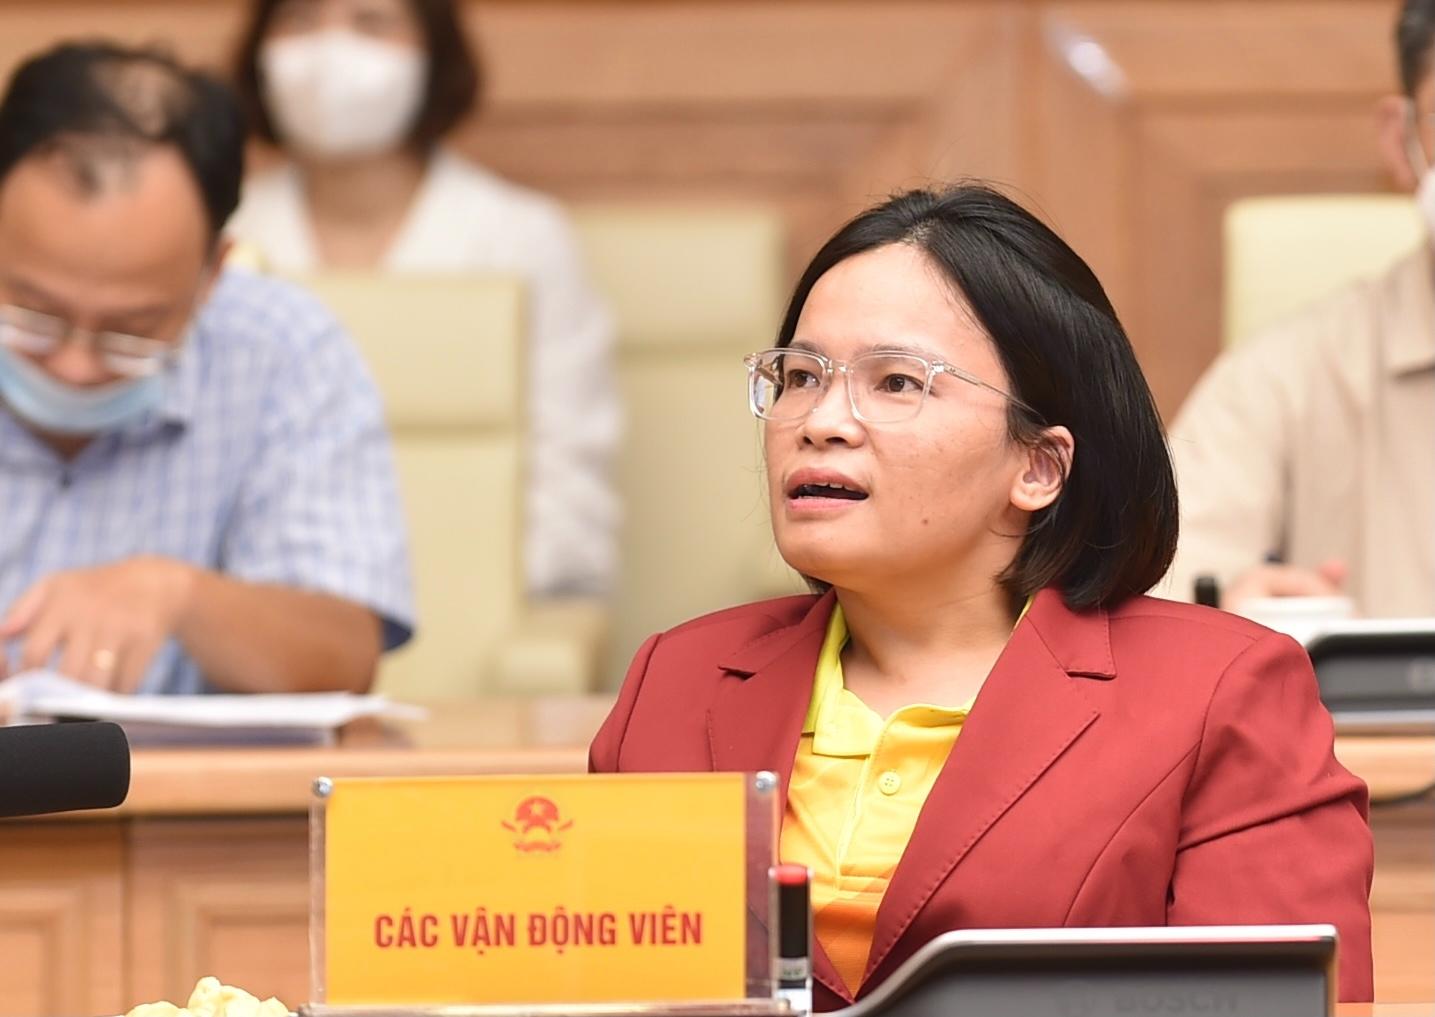 Vận động viên khuyết tật Trần Thị Bích Thủy (môn cờ vua) phát biểu tại cuộc gặp mặt với Thủ tướng Chính phủ - Ảnh: VGP/Nhật Bắc